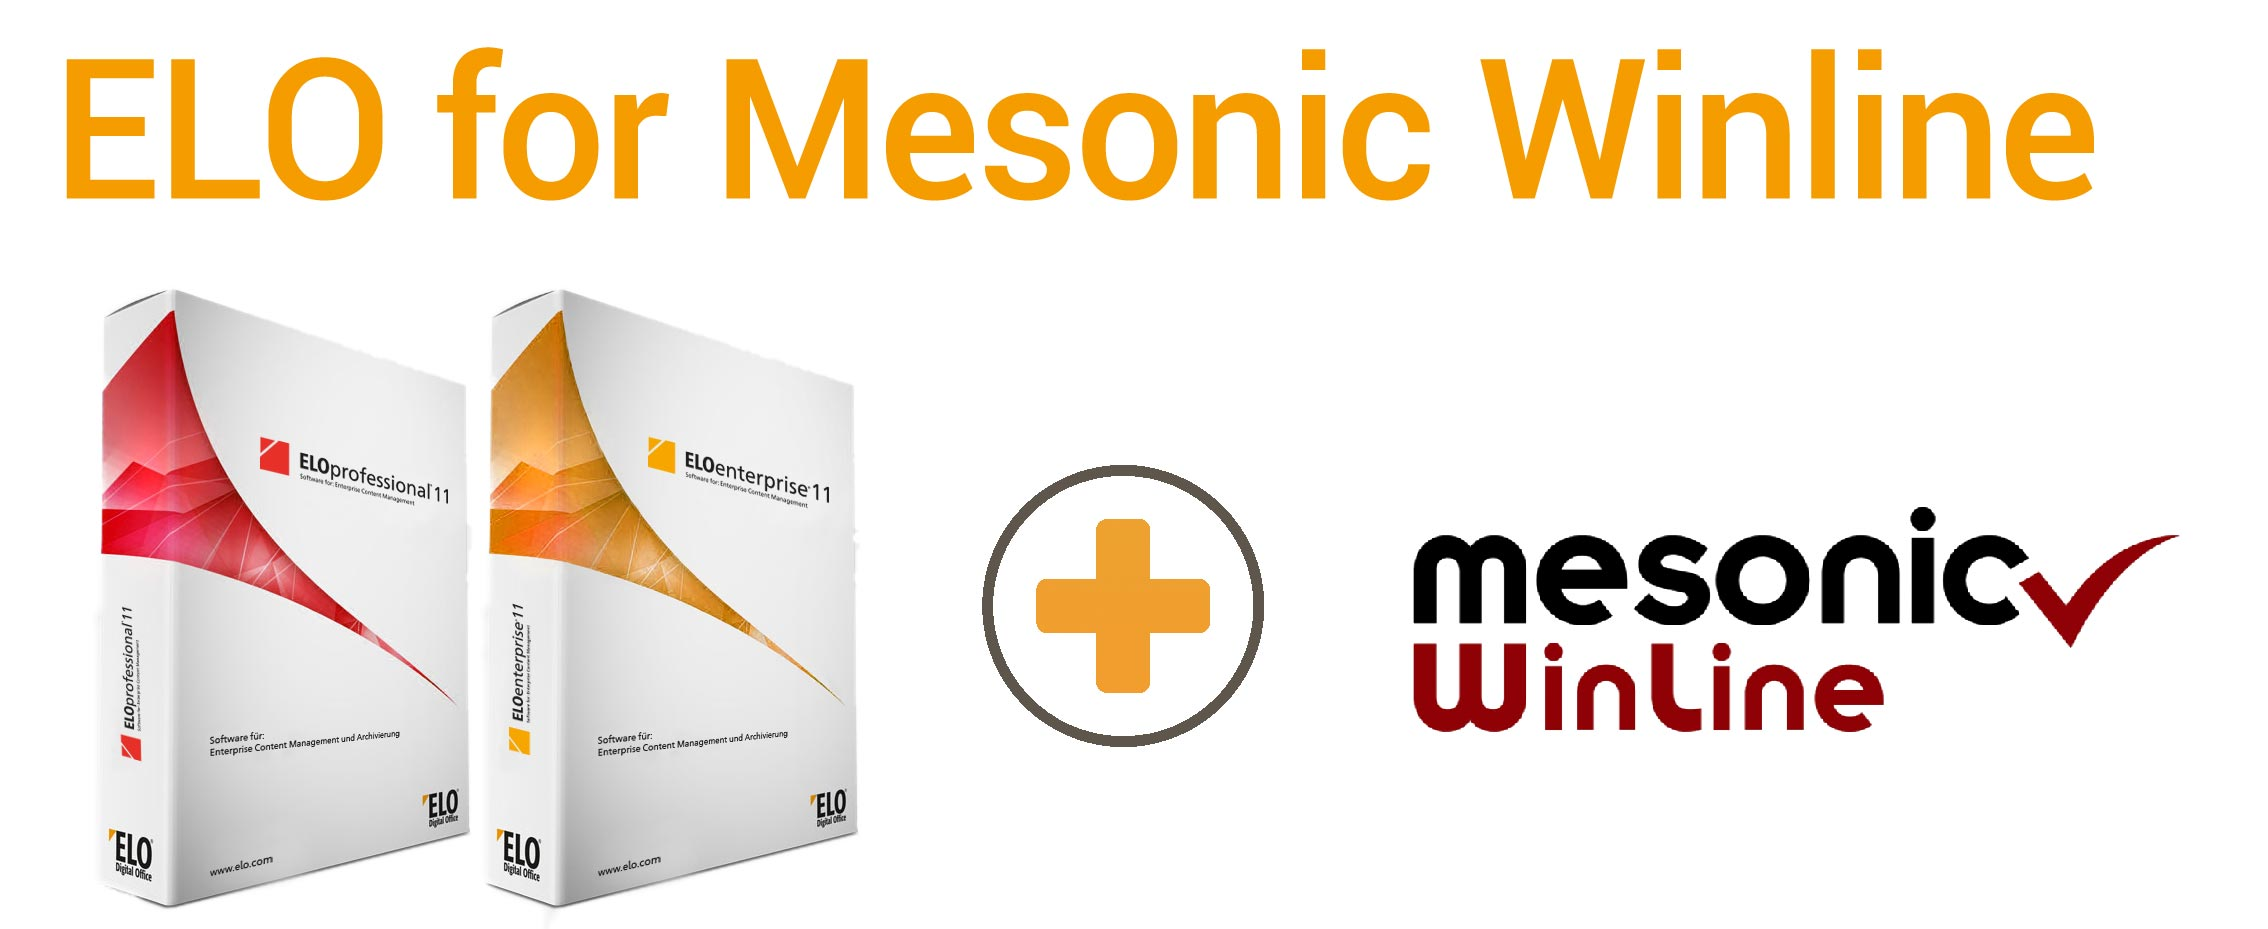 Mesonic Winline mit ELO verbinden